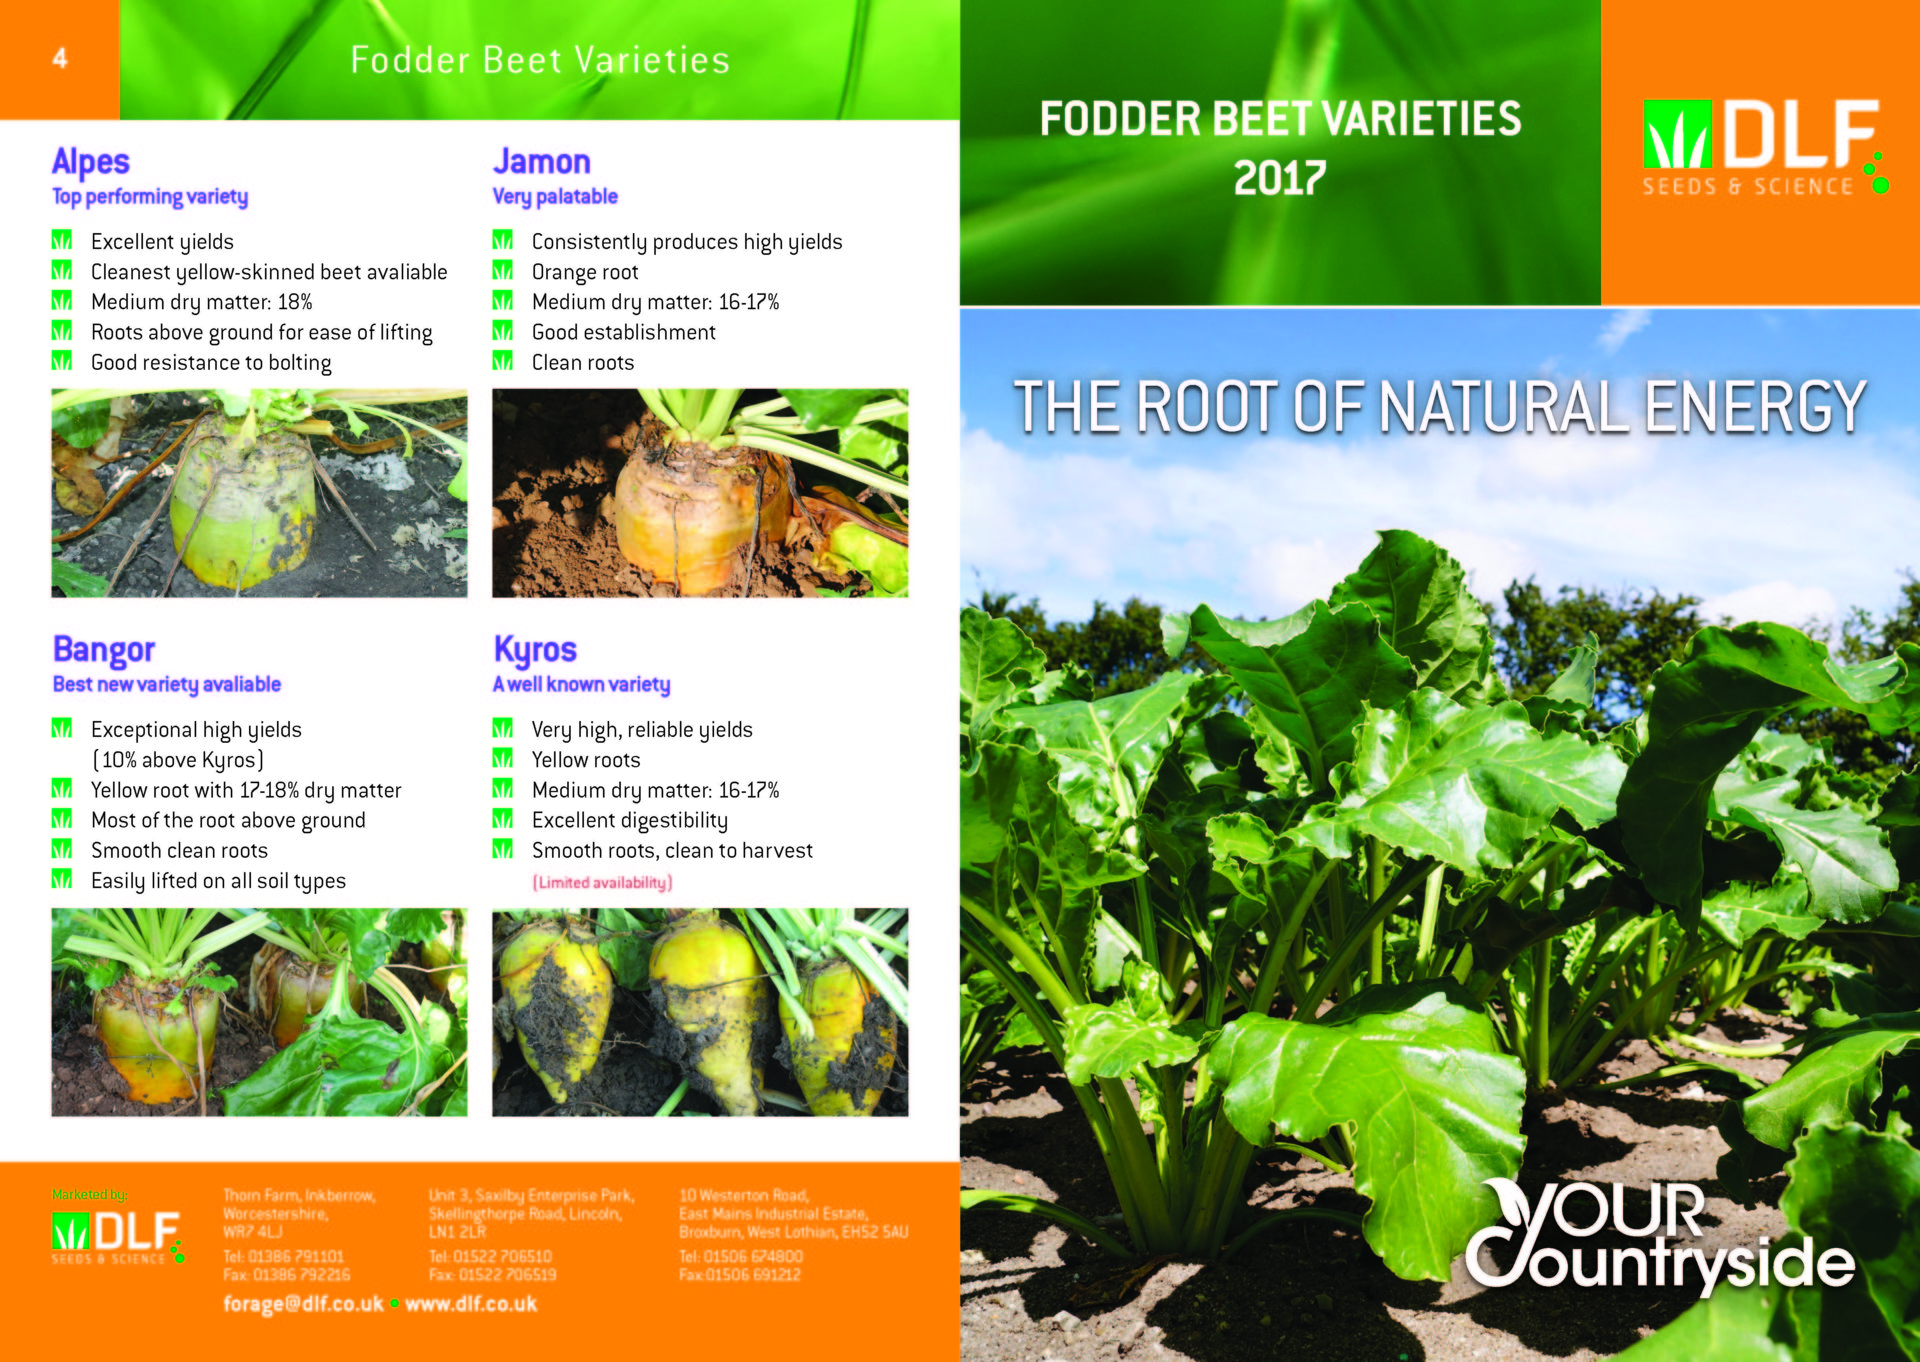 DLF Fodder Beet Varieties 2017 Leaflet Final_Page_1.jpg